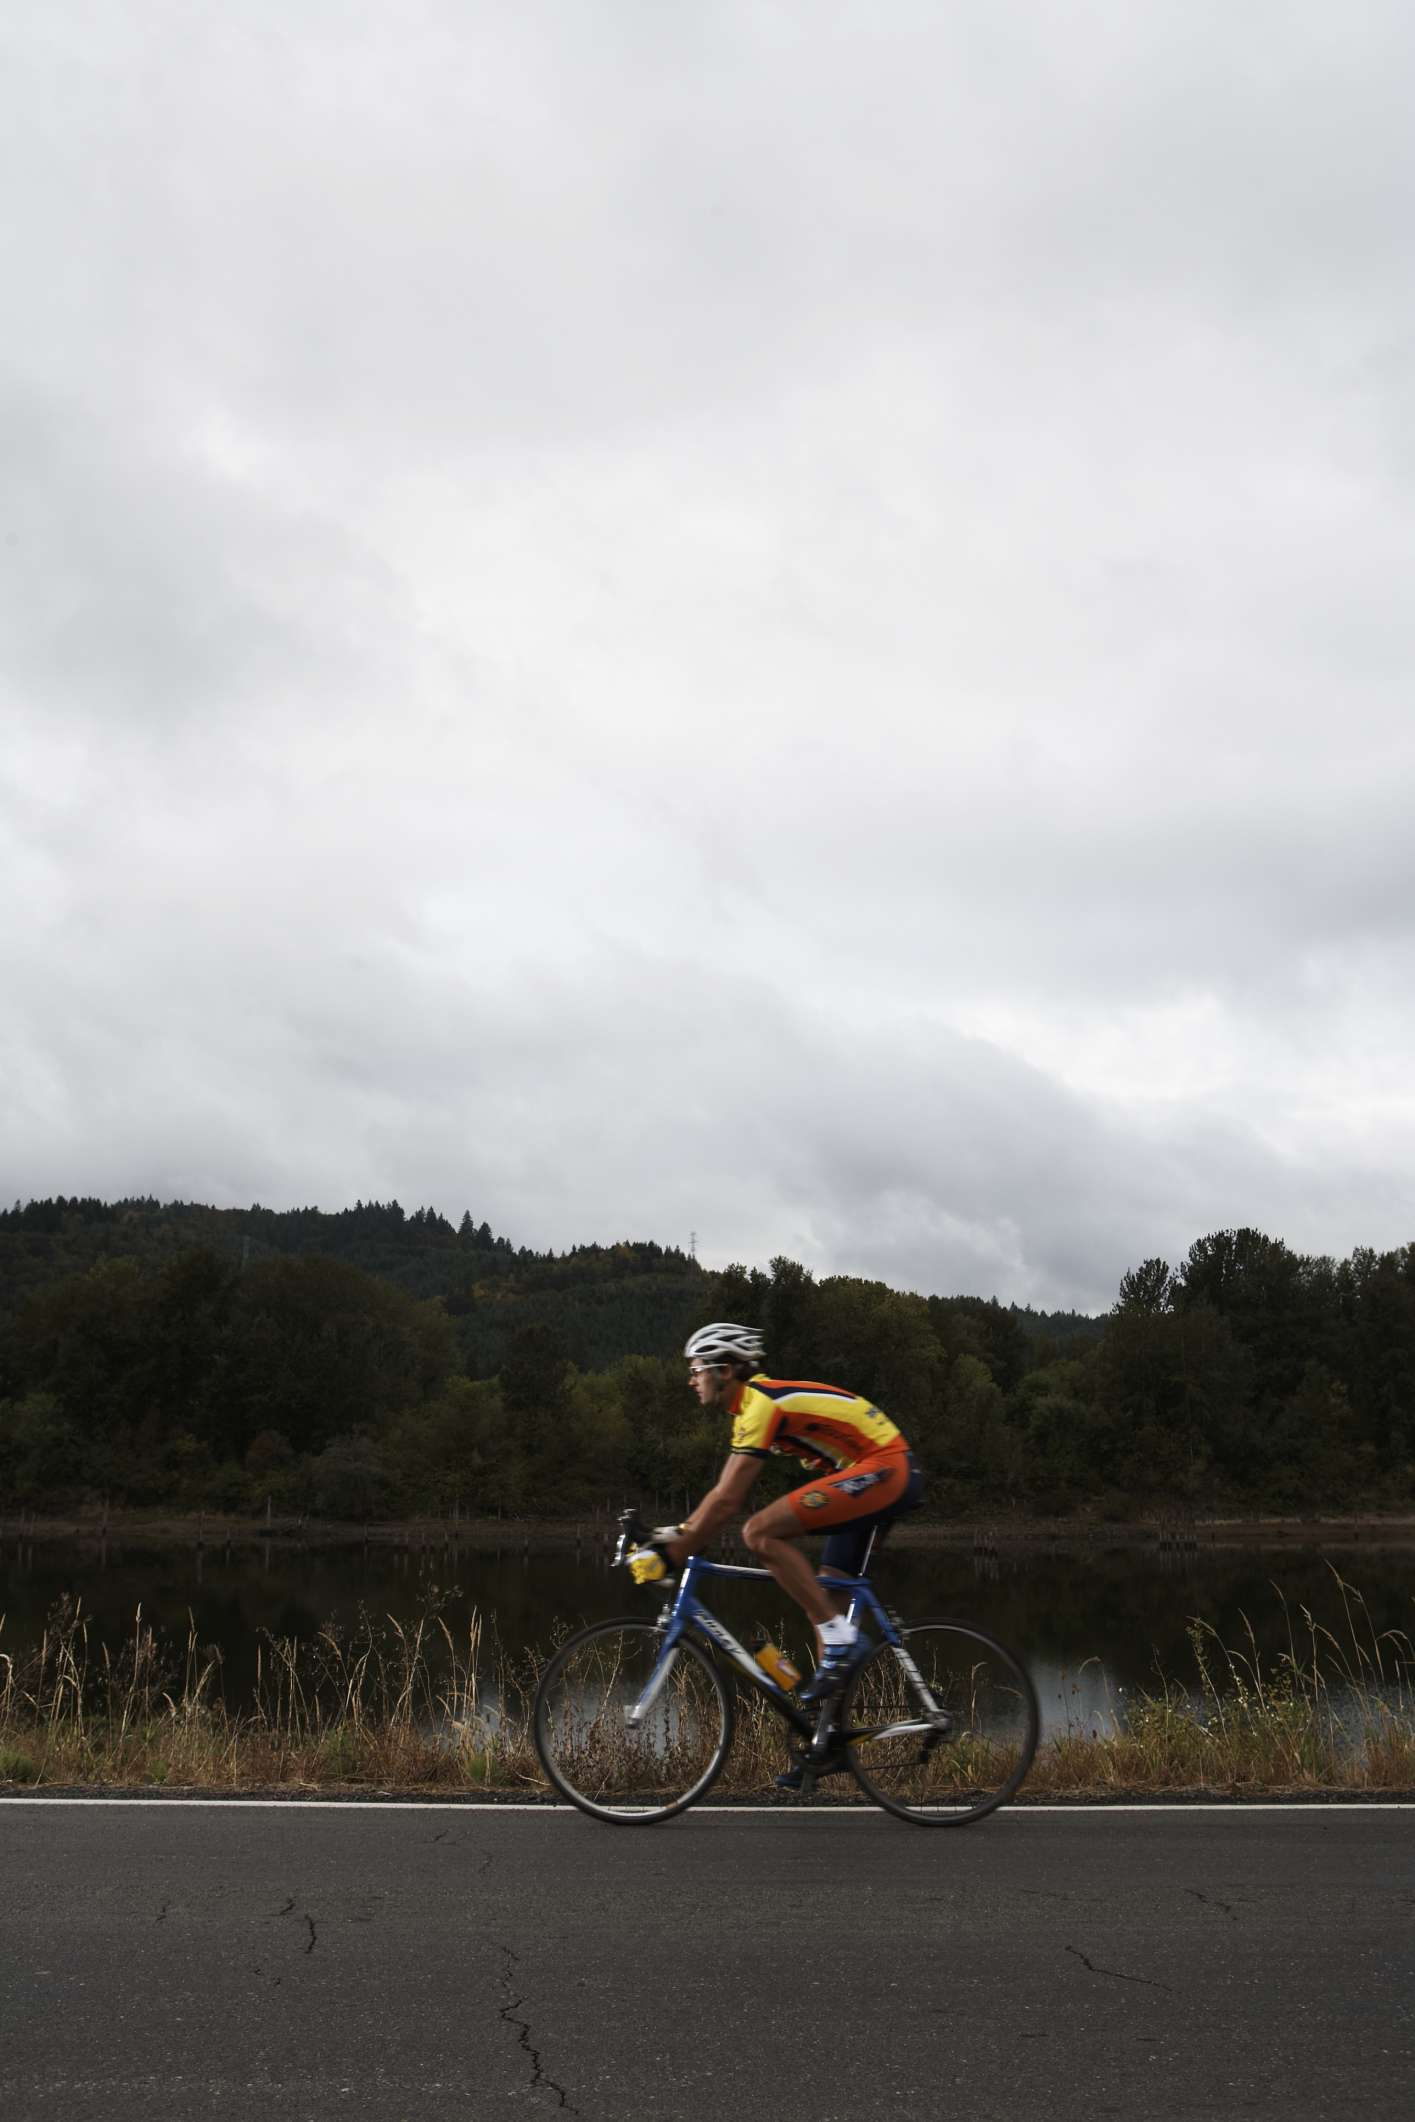 Ciclistas mais velozes 'são mais atraentes', diz pesquisa